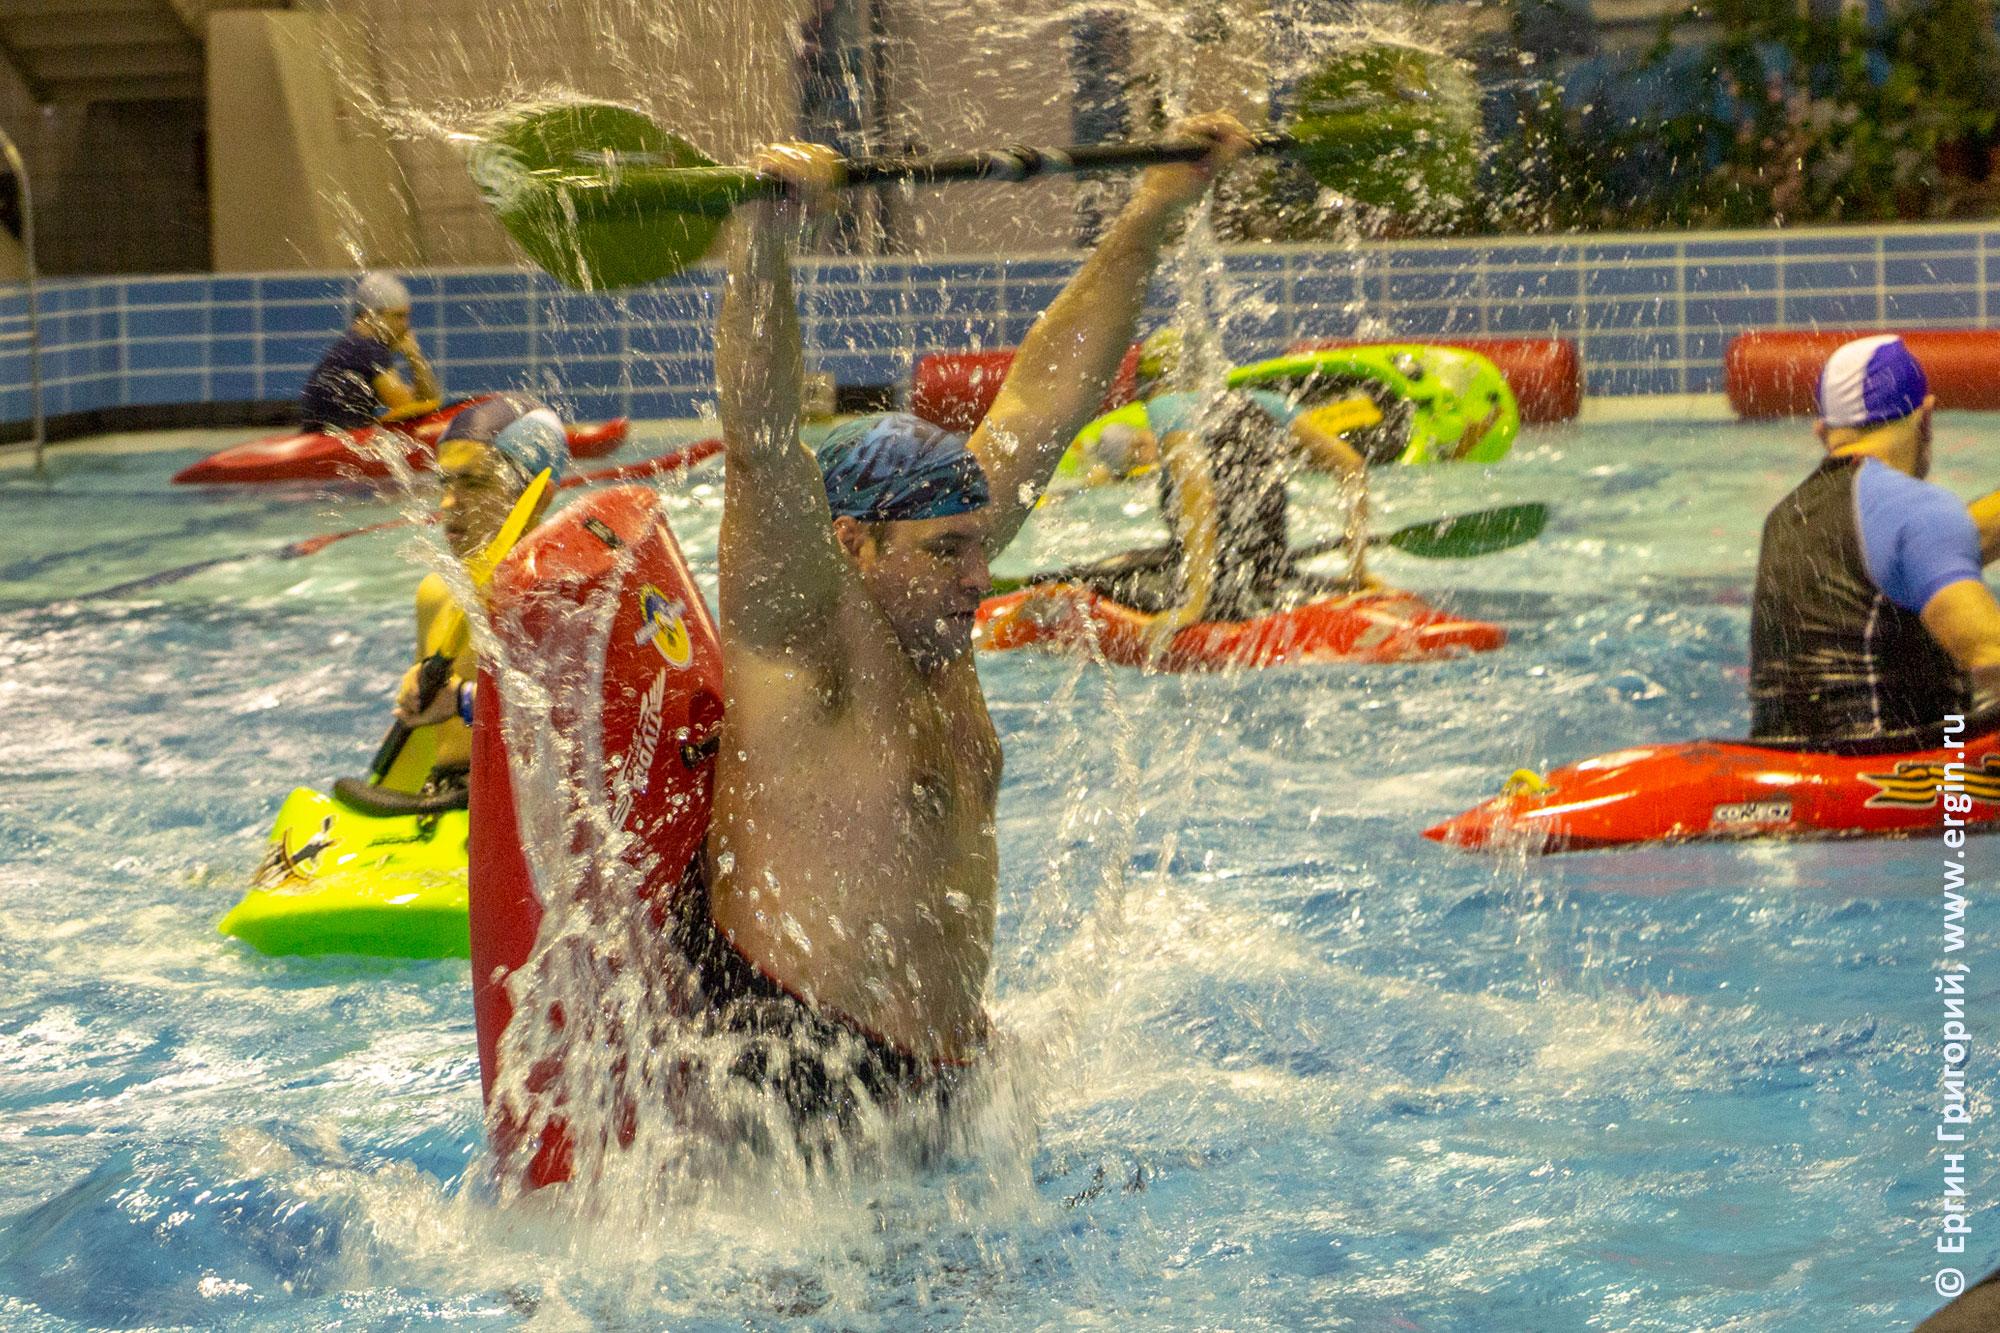 Фристайл-каякинг в бассейне: луп, сальто на каяке